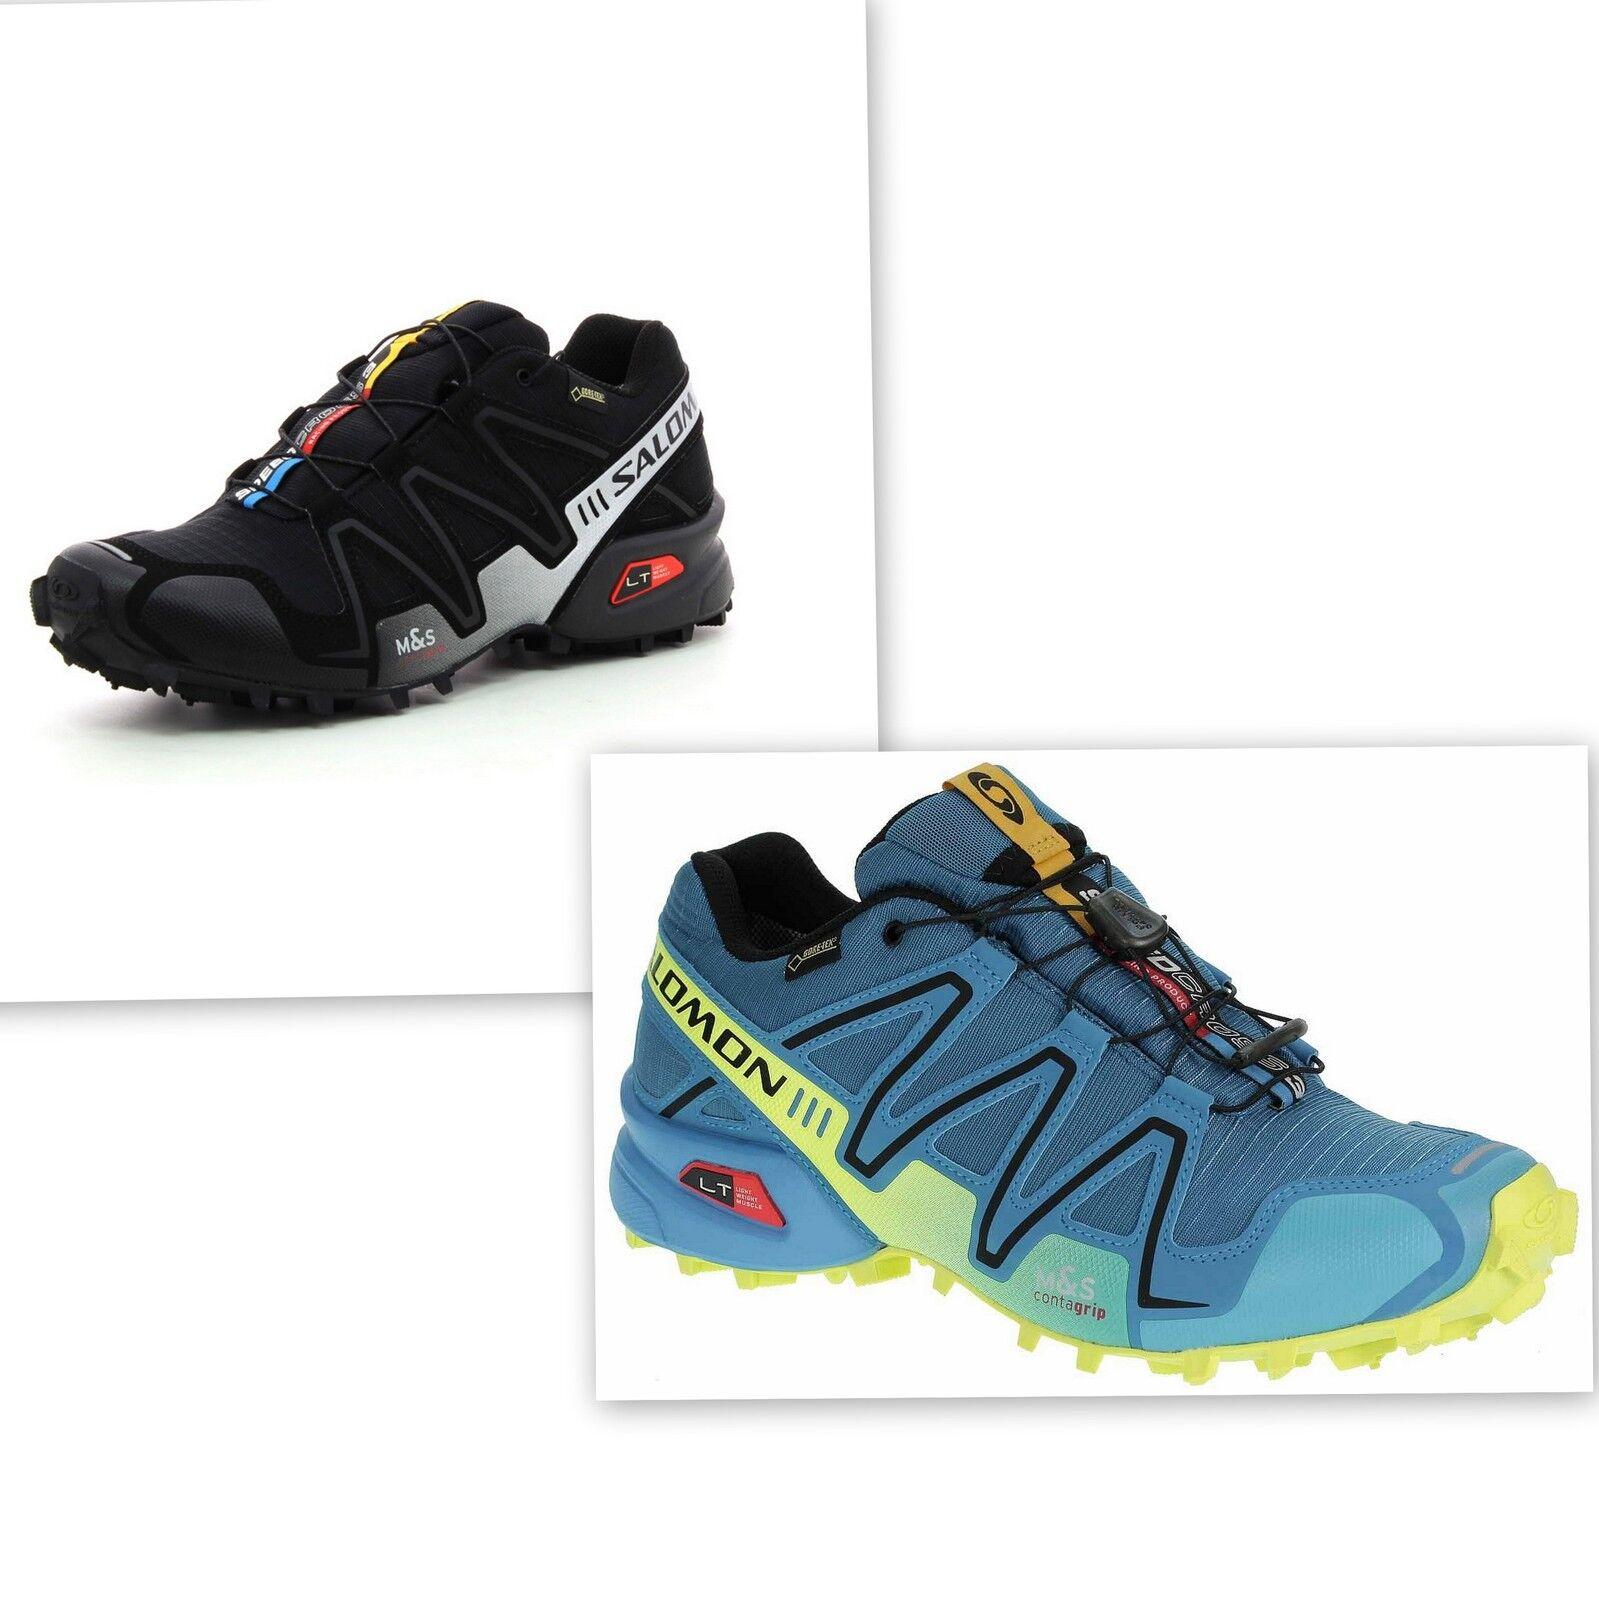 chaussures trail running SALOMON Speedcross 3 GTX EU 46 23